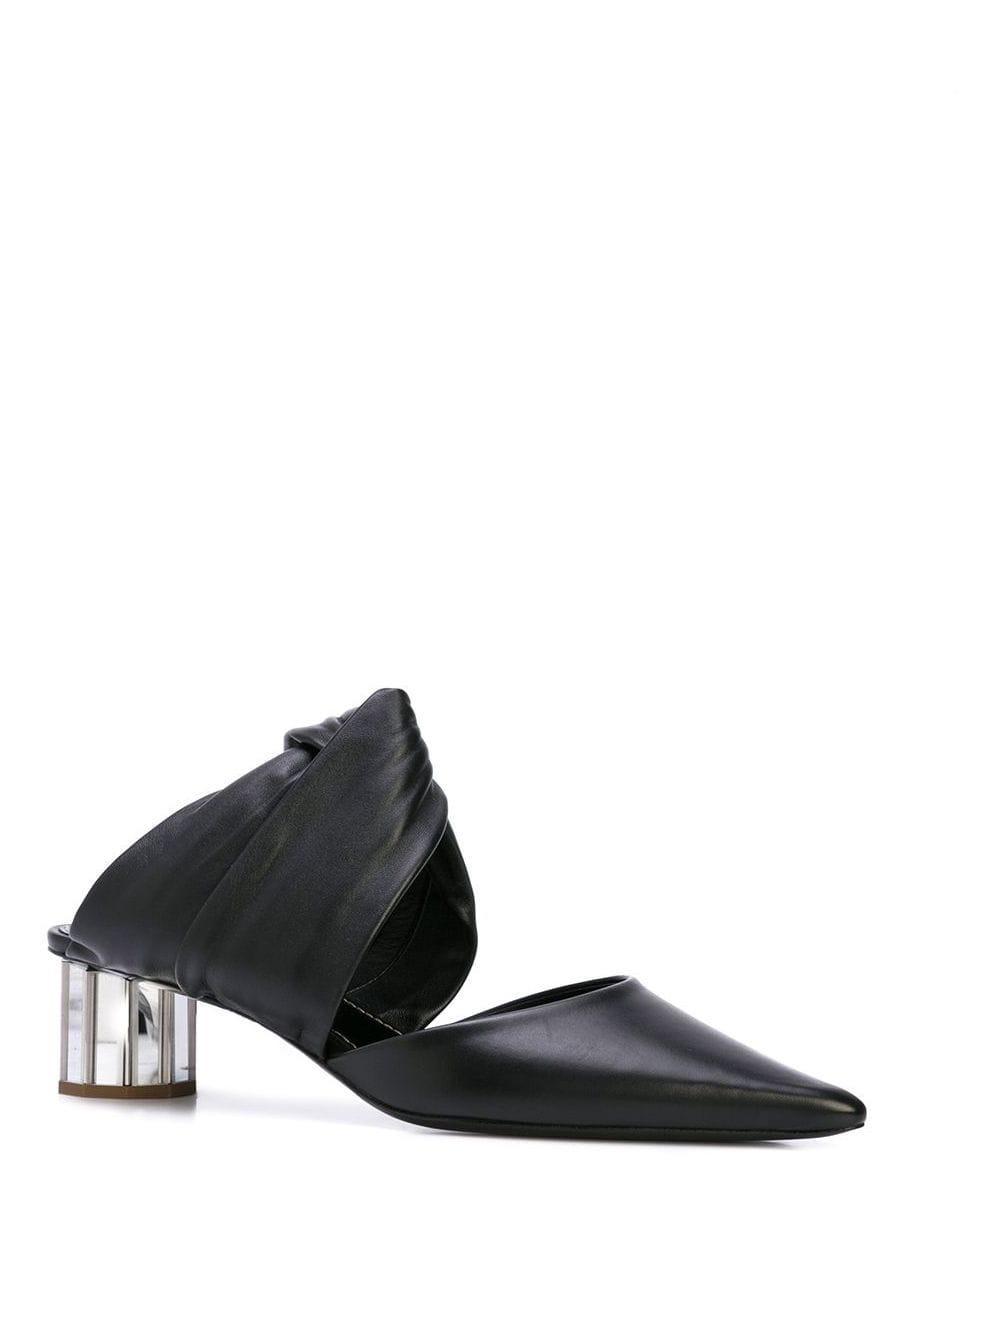 Mules con tacón grueso Proenza Schouler de Cuero de color Negro